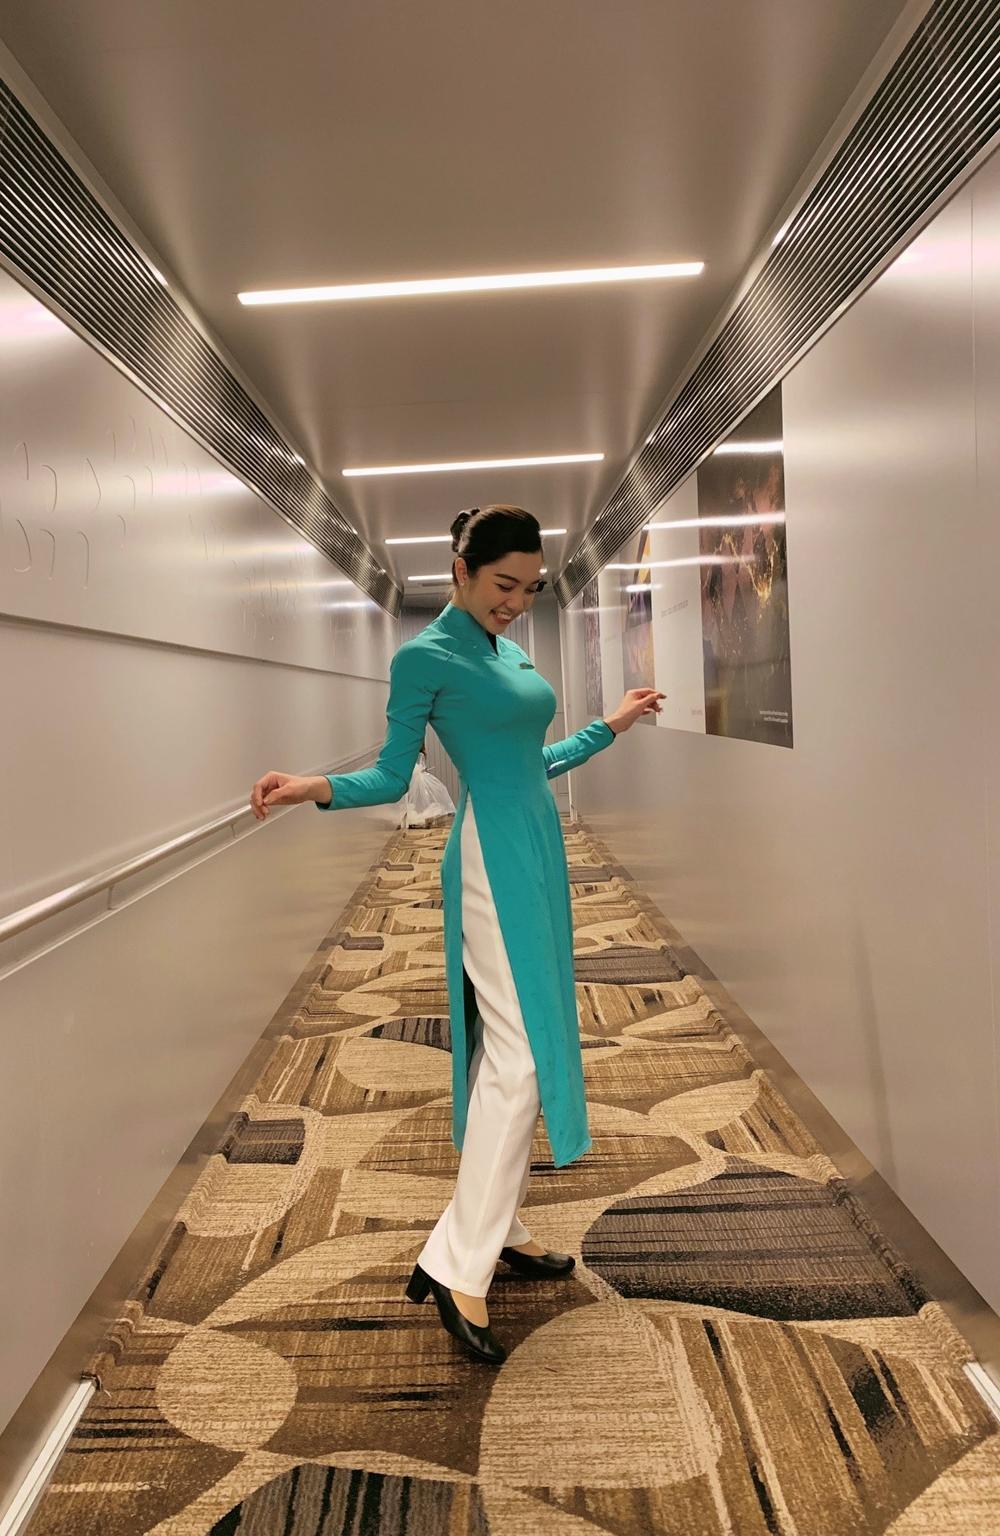 Tâm tư đẹp của nữ tiếp viên hàng không bén duyên với yoga - Võ Lê Thùy Trinh Ảnh 1